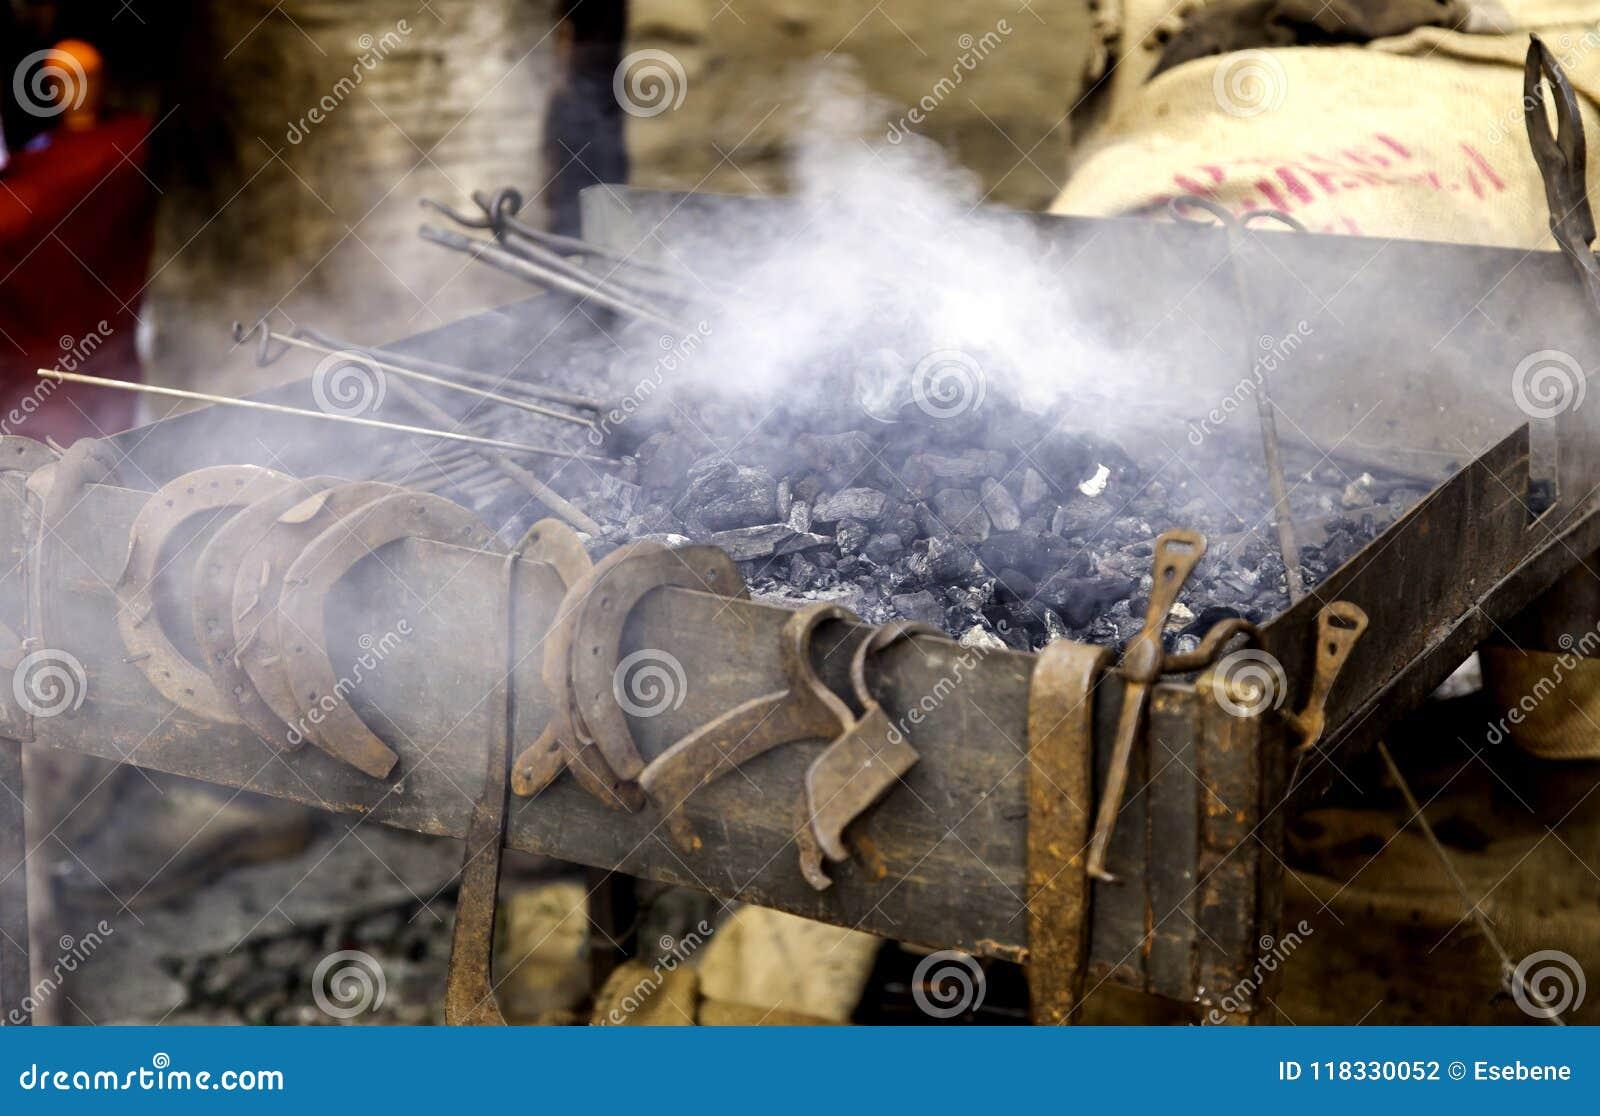 Οι φλόγες της πυρκαγιάς σφυρηλατούν